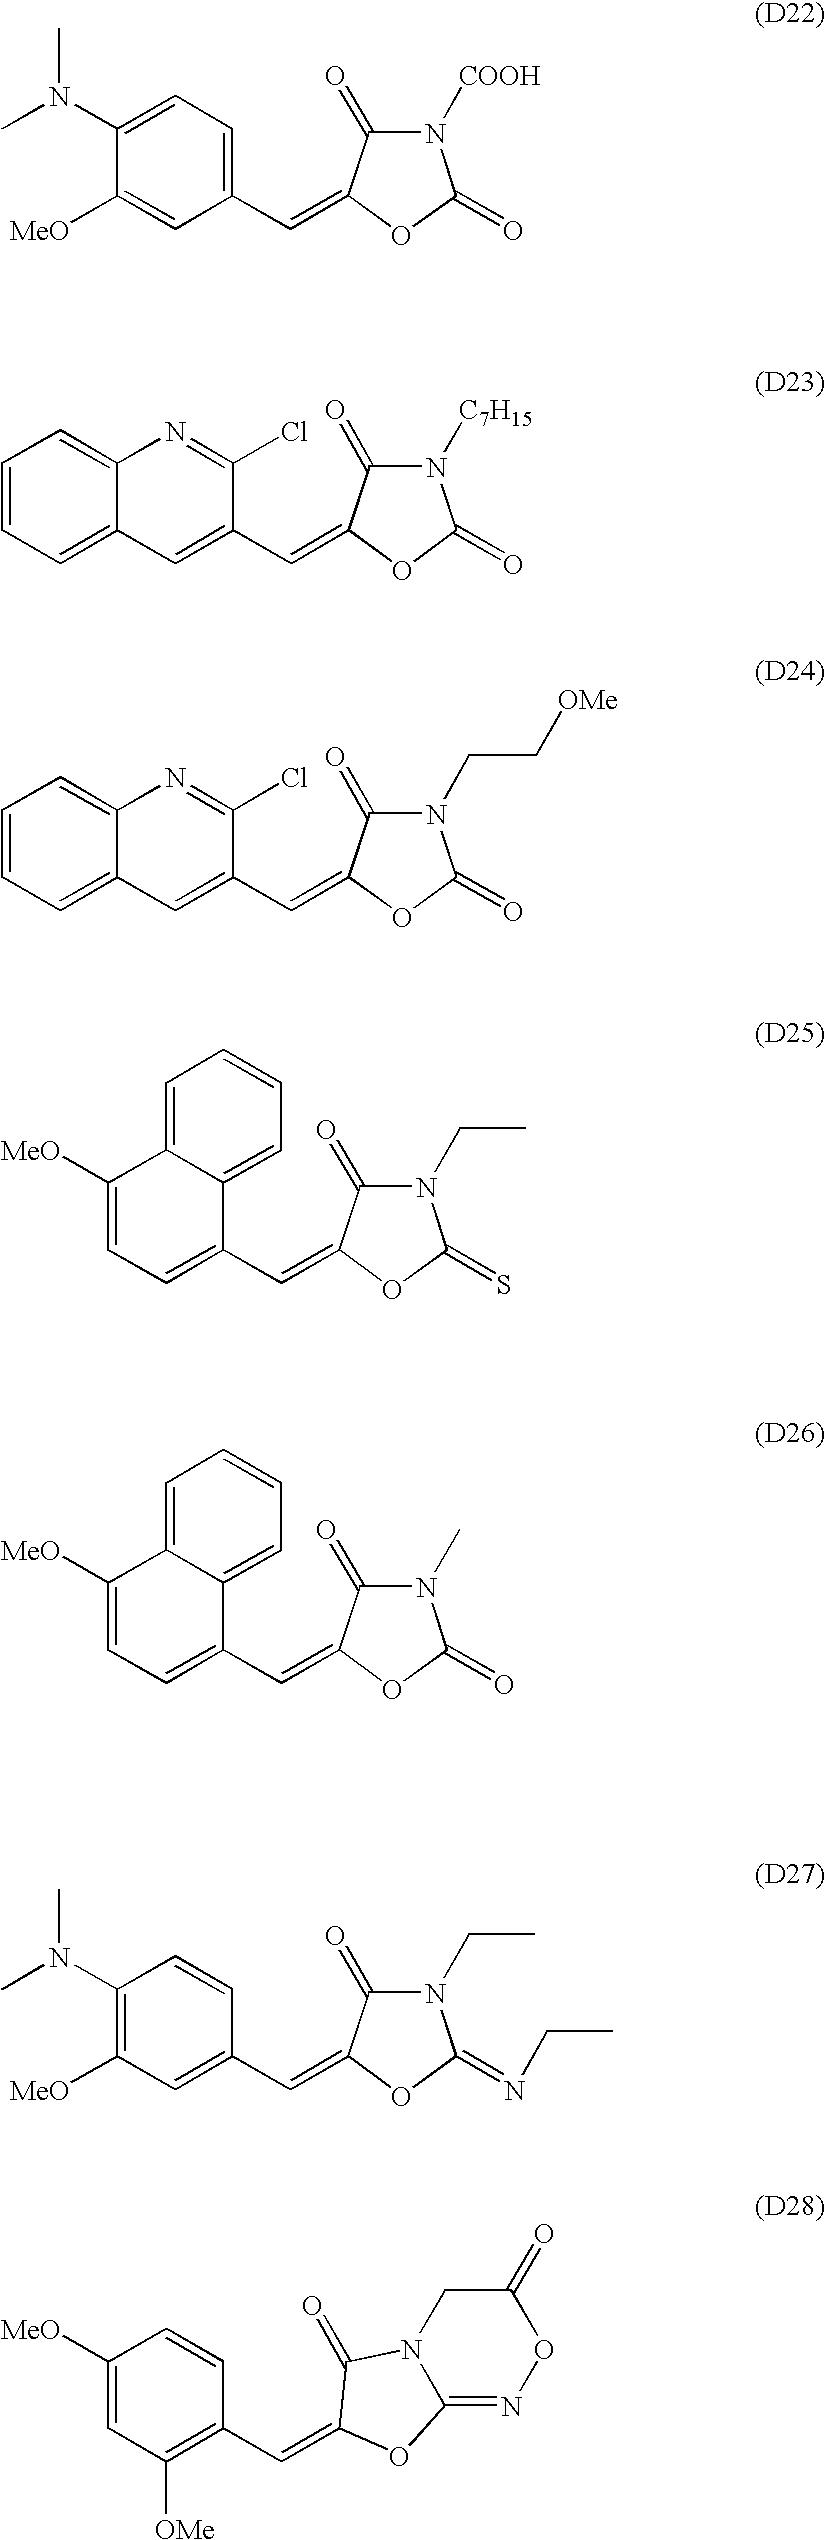 Figure US20070212641A1-20070913-C00010